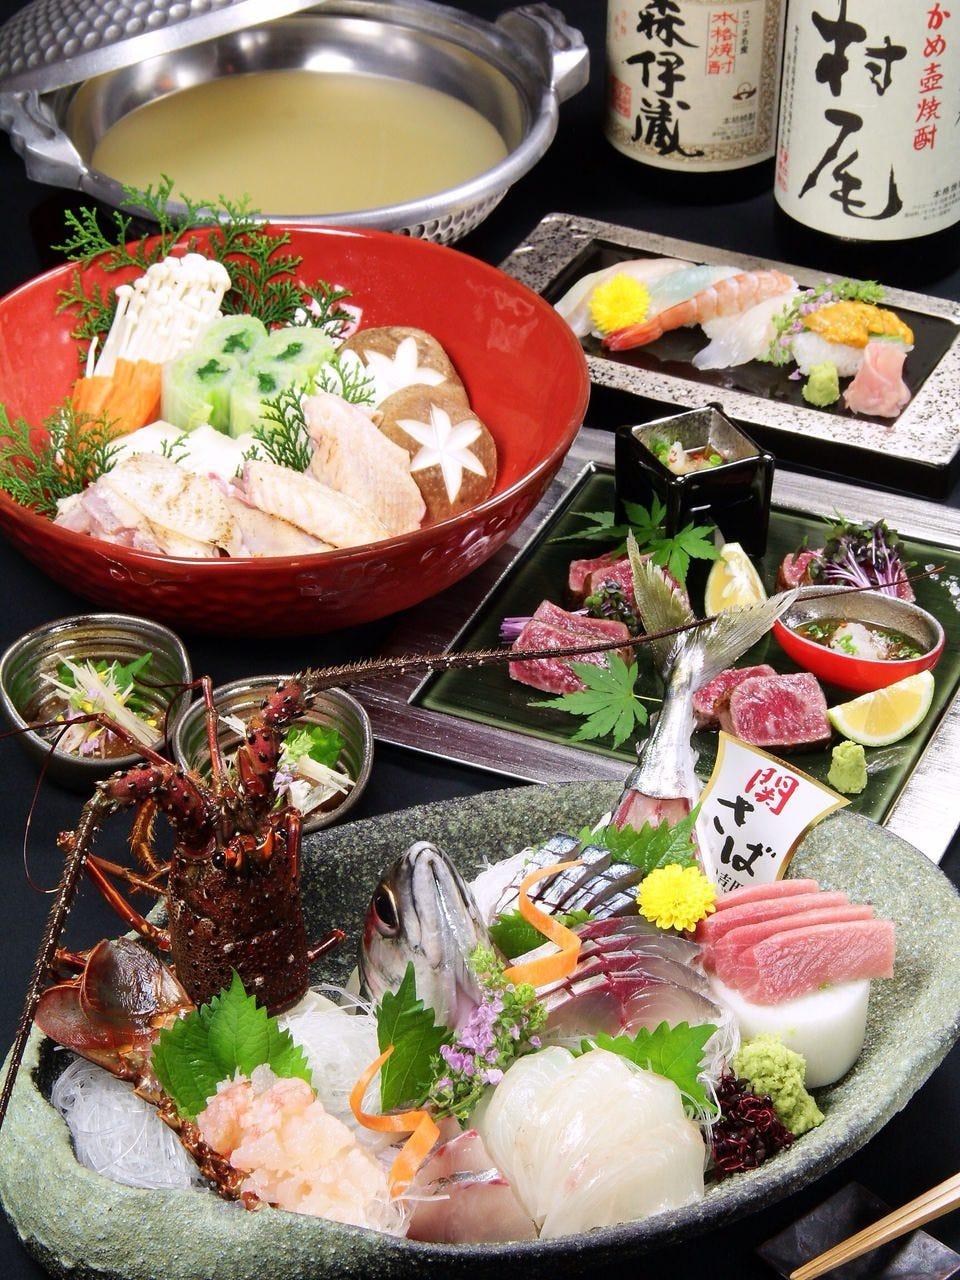 豊後大分日本各地の豪華食材贅沢料理